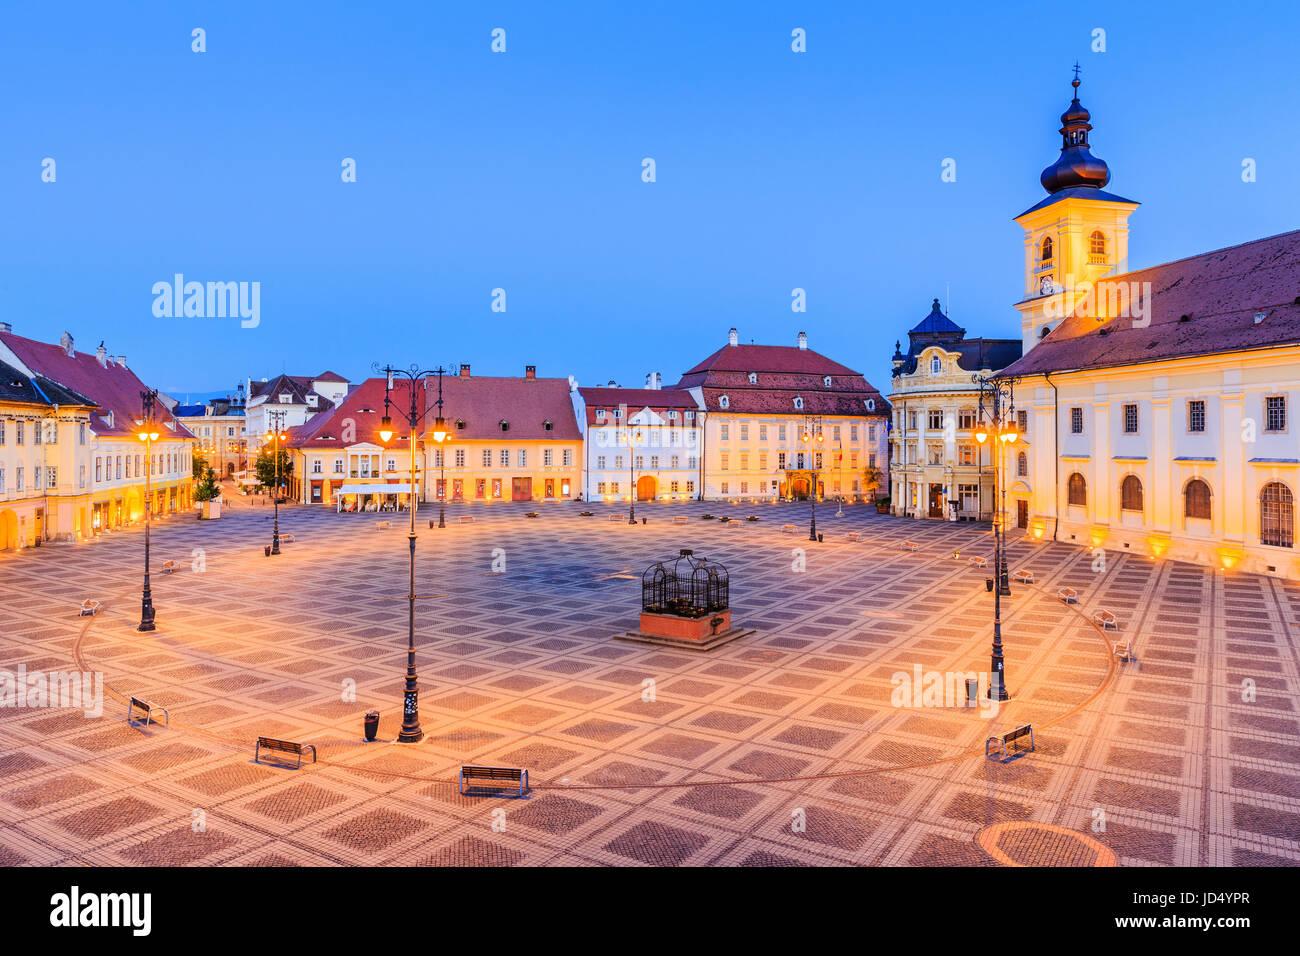 Sibiu, Roumanie. Grand carré (Piata Mare) avec la Mairie et le Palais Brukenthal en Transylvanie. Photo Stock